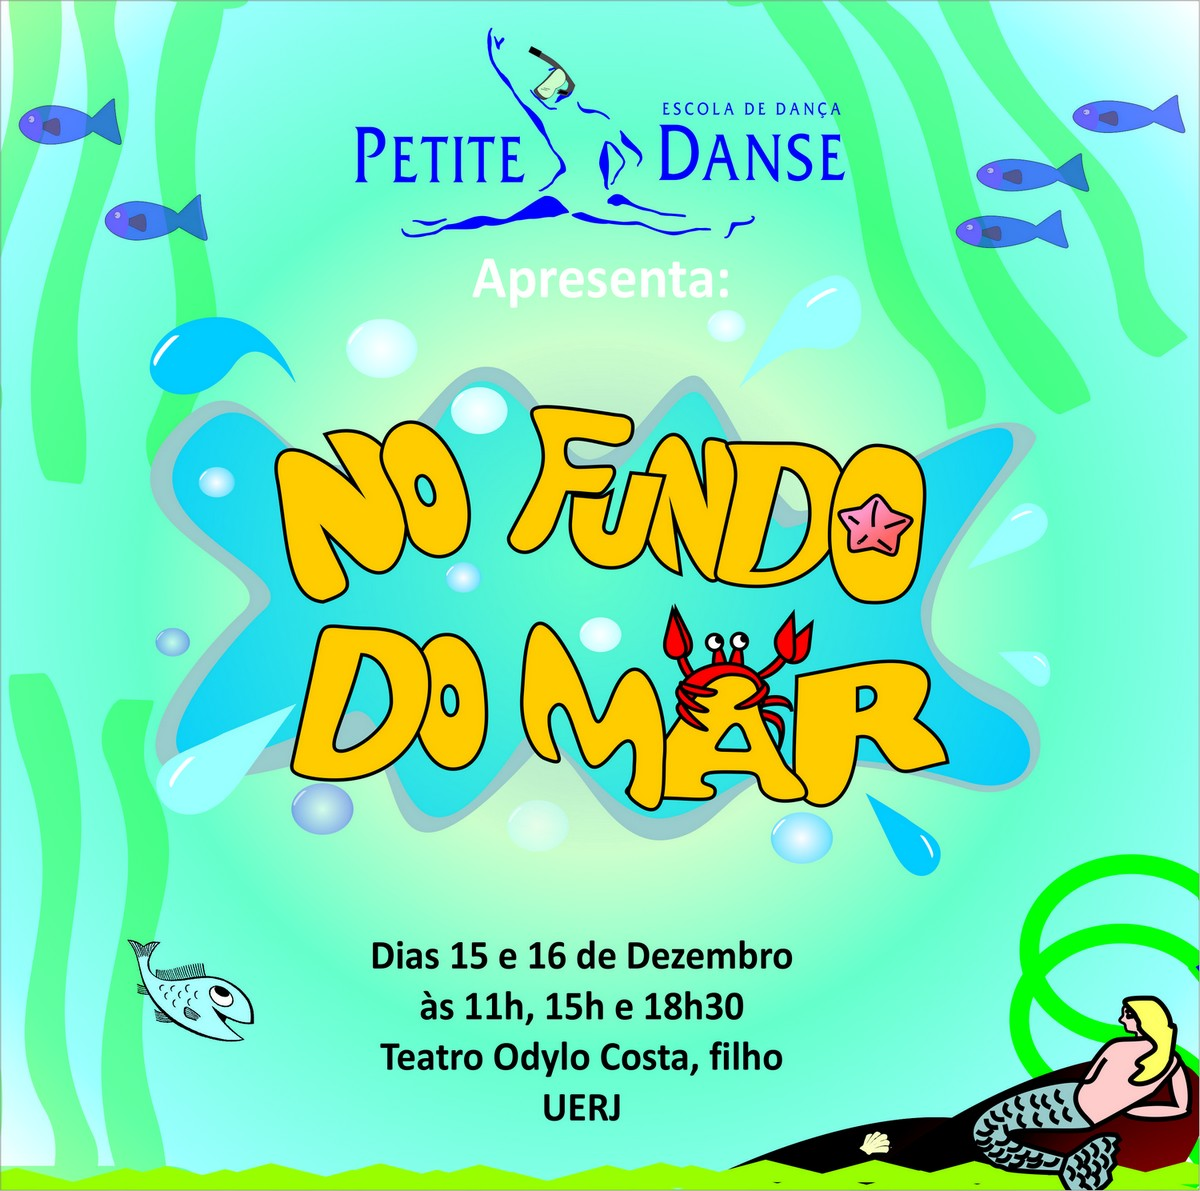 Espetáculos de Dança - Encerramento de 2012